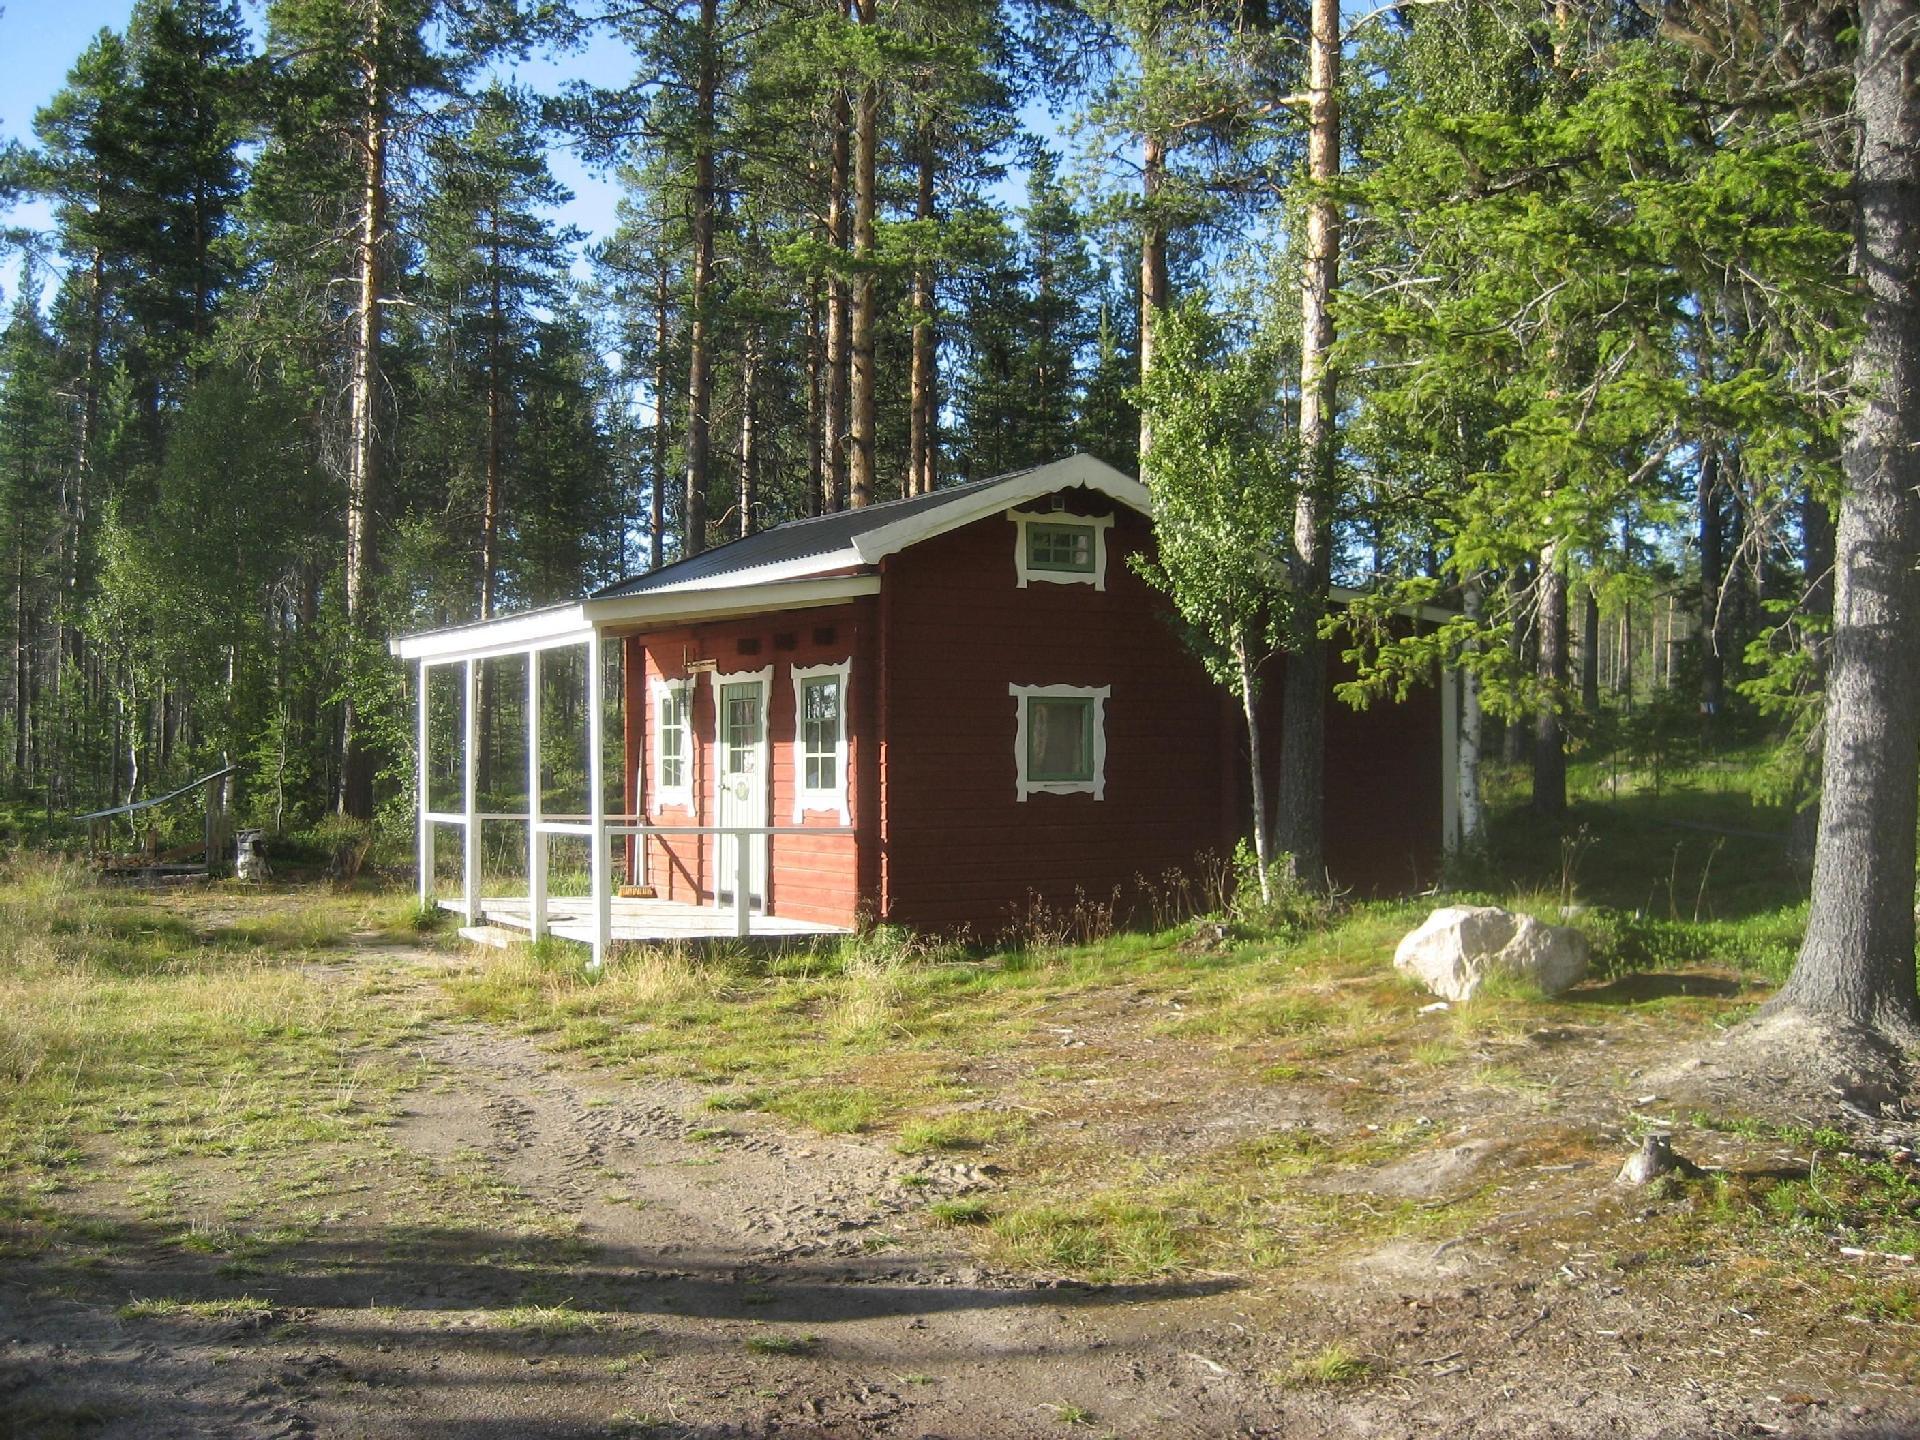 Kleines Haus mit Terrasse Grillplatz Ruderboot Trockentoilette und gemeinschaftlicher Holzofen Sauna direkt See gelegen genießen Sie die Lage inmitten der Natur zum Abschalten und Ausspannen